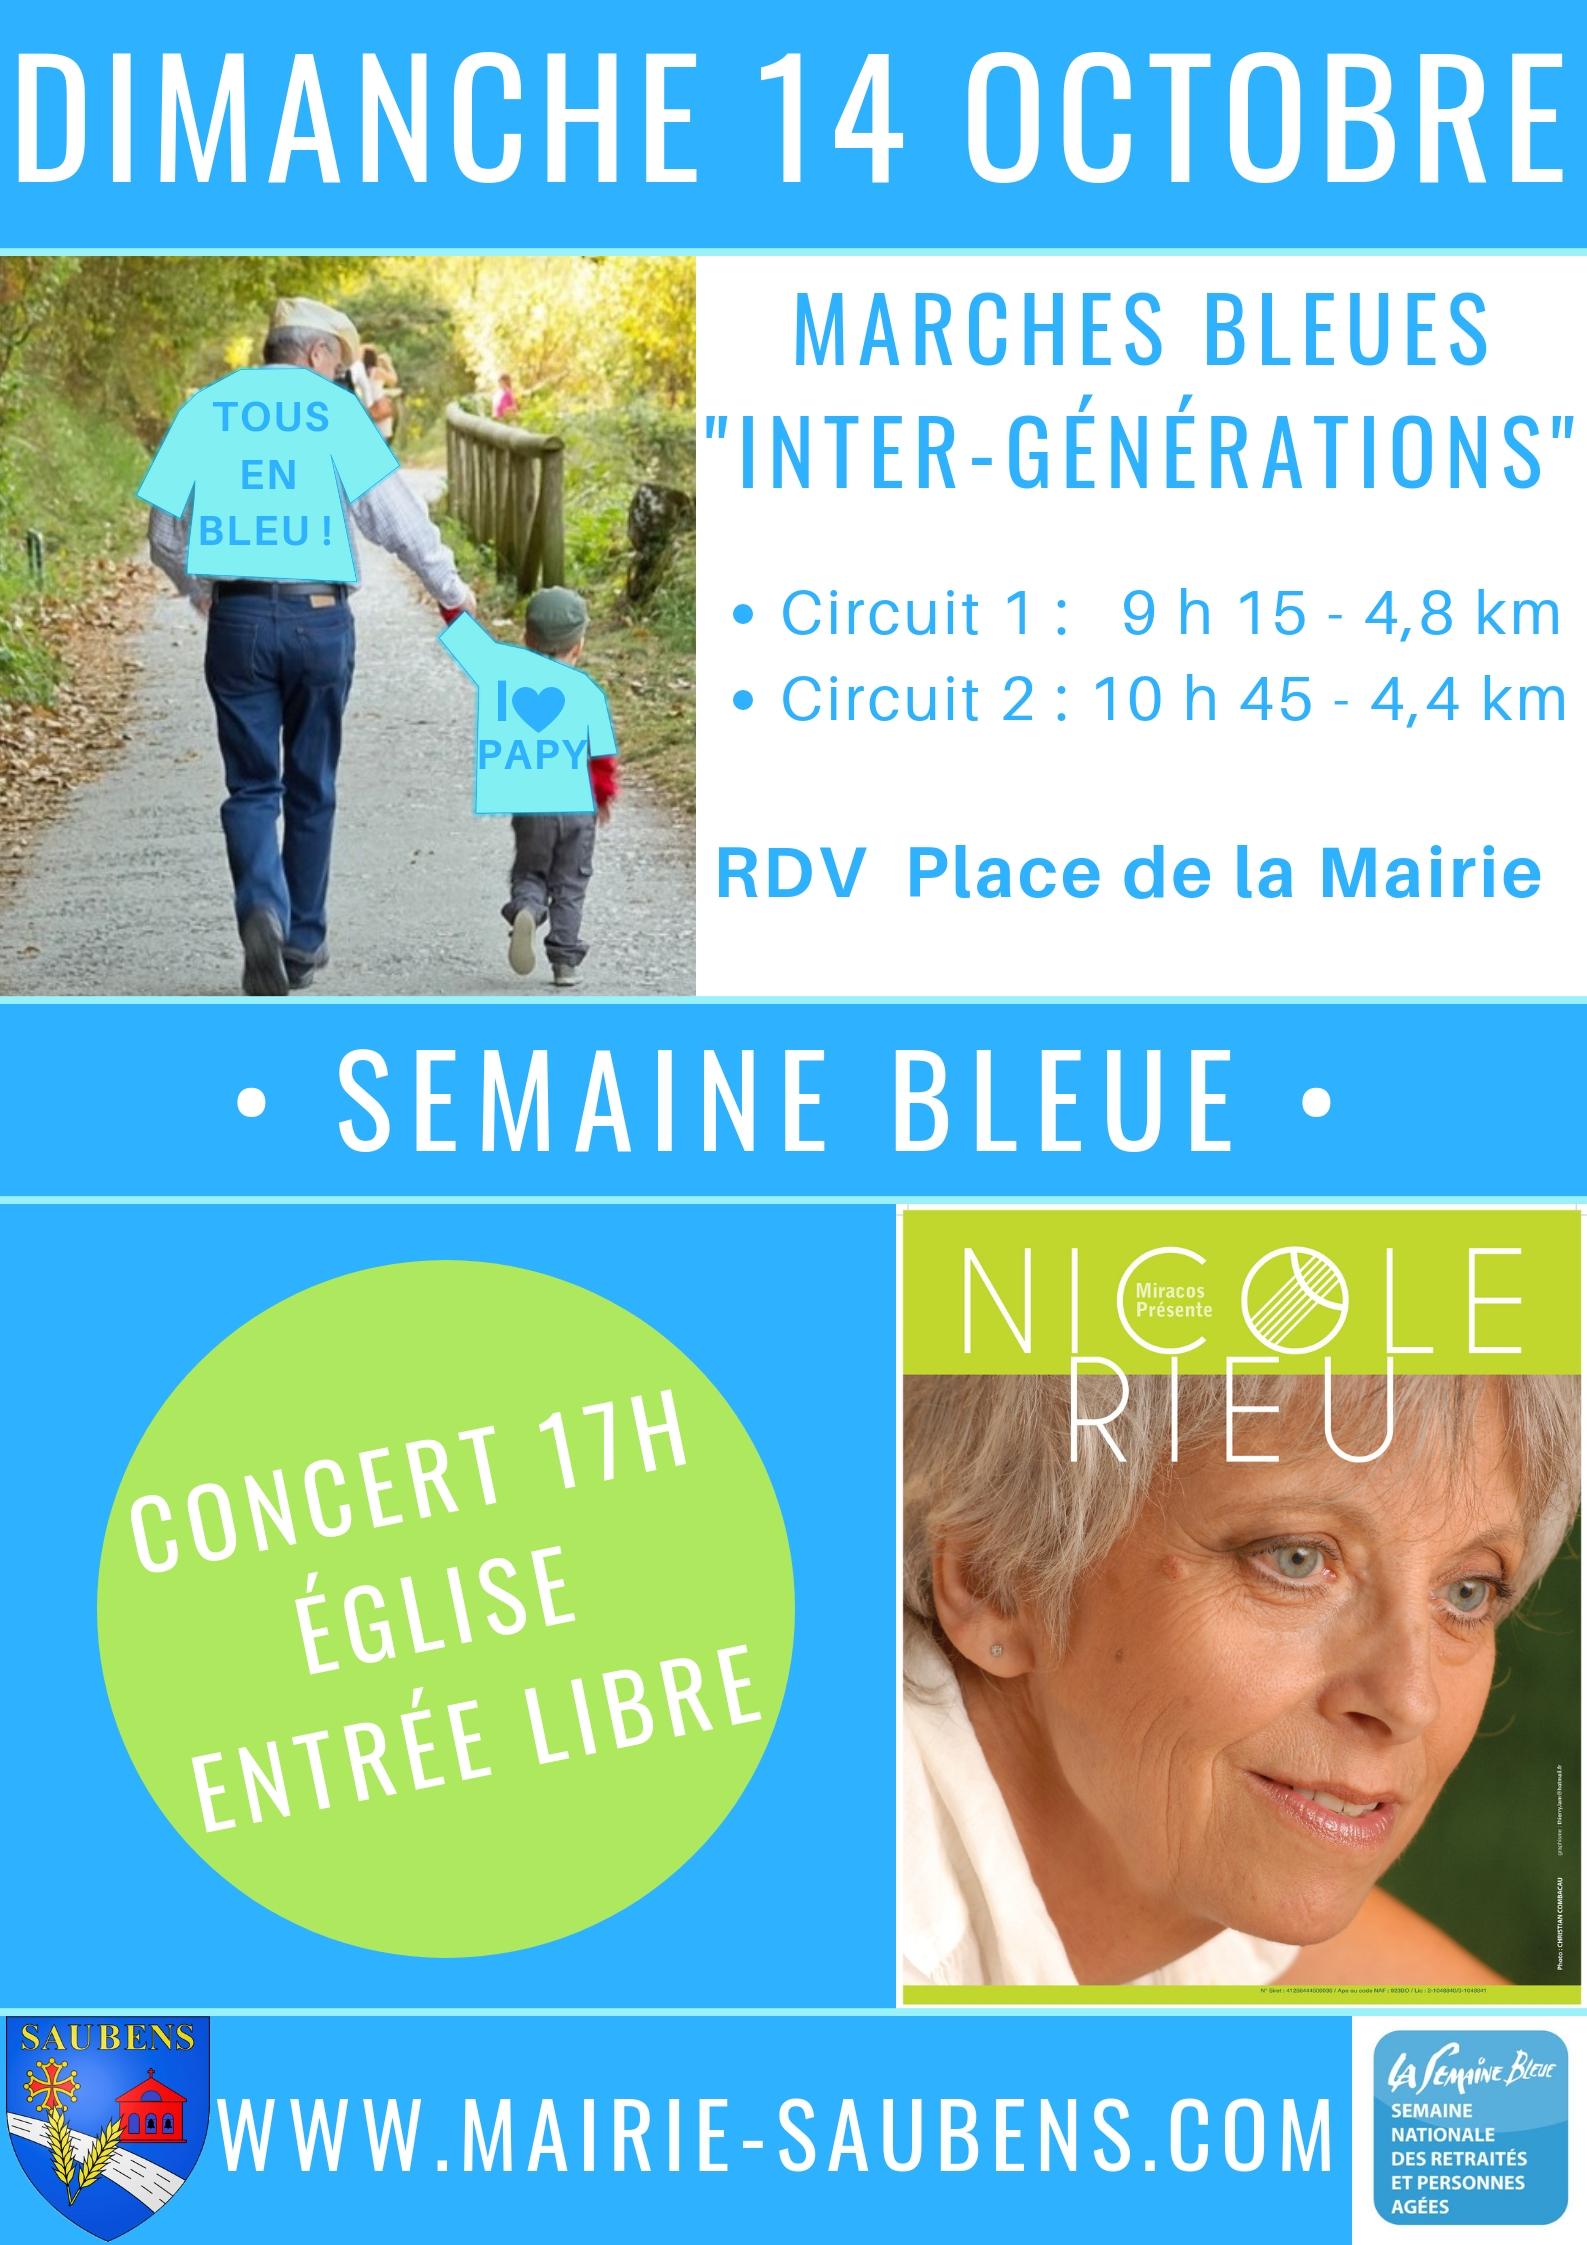 Semaine bleue marches et concert de Nicole Rieu